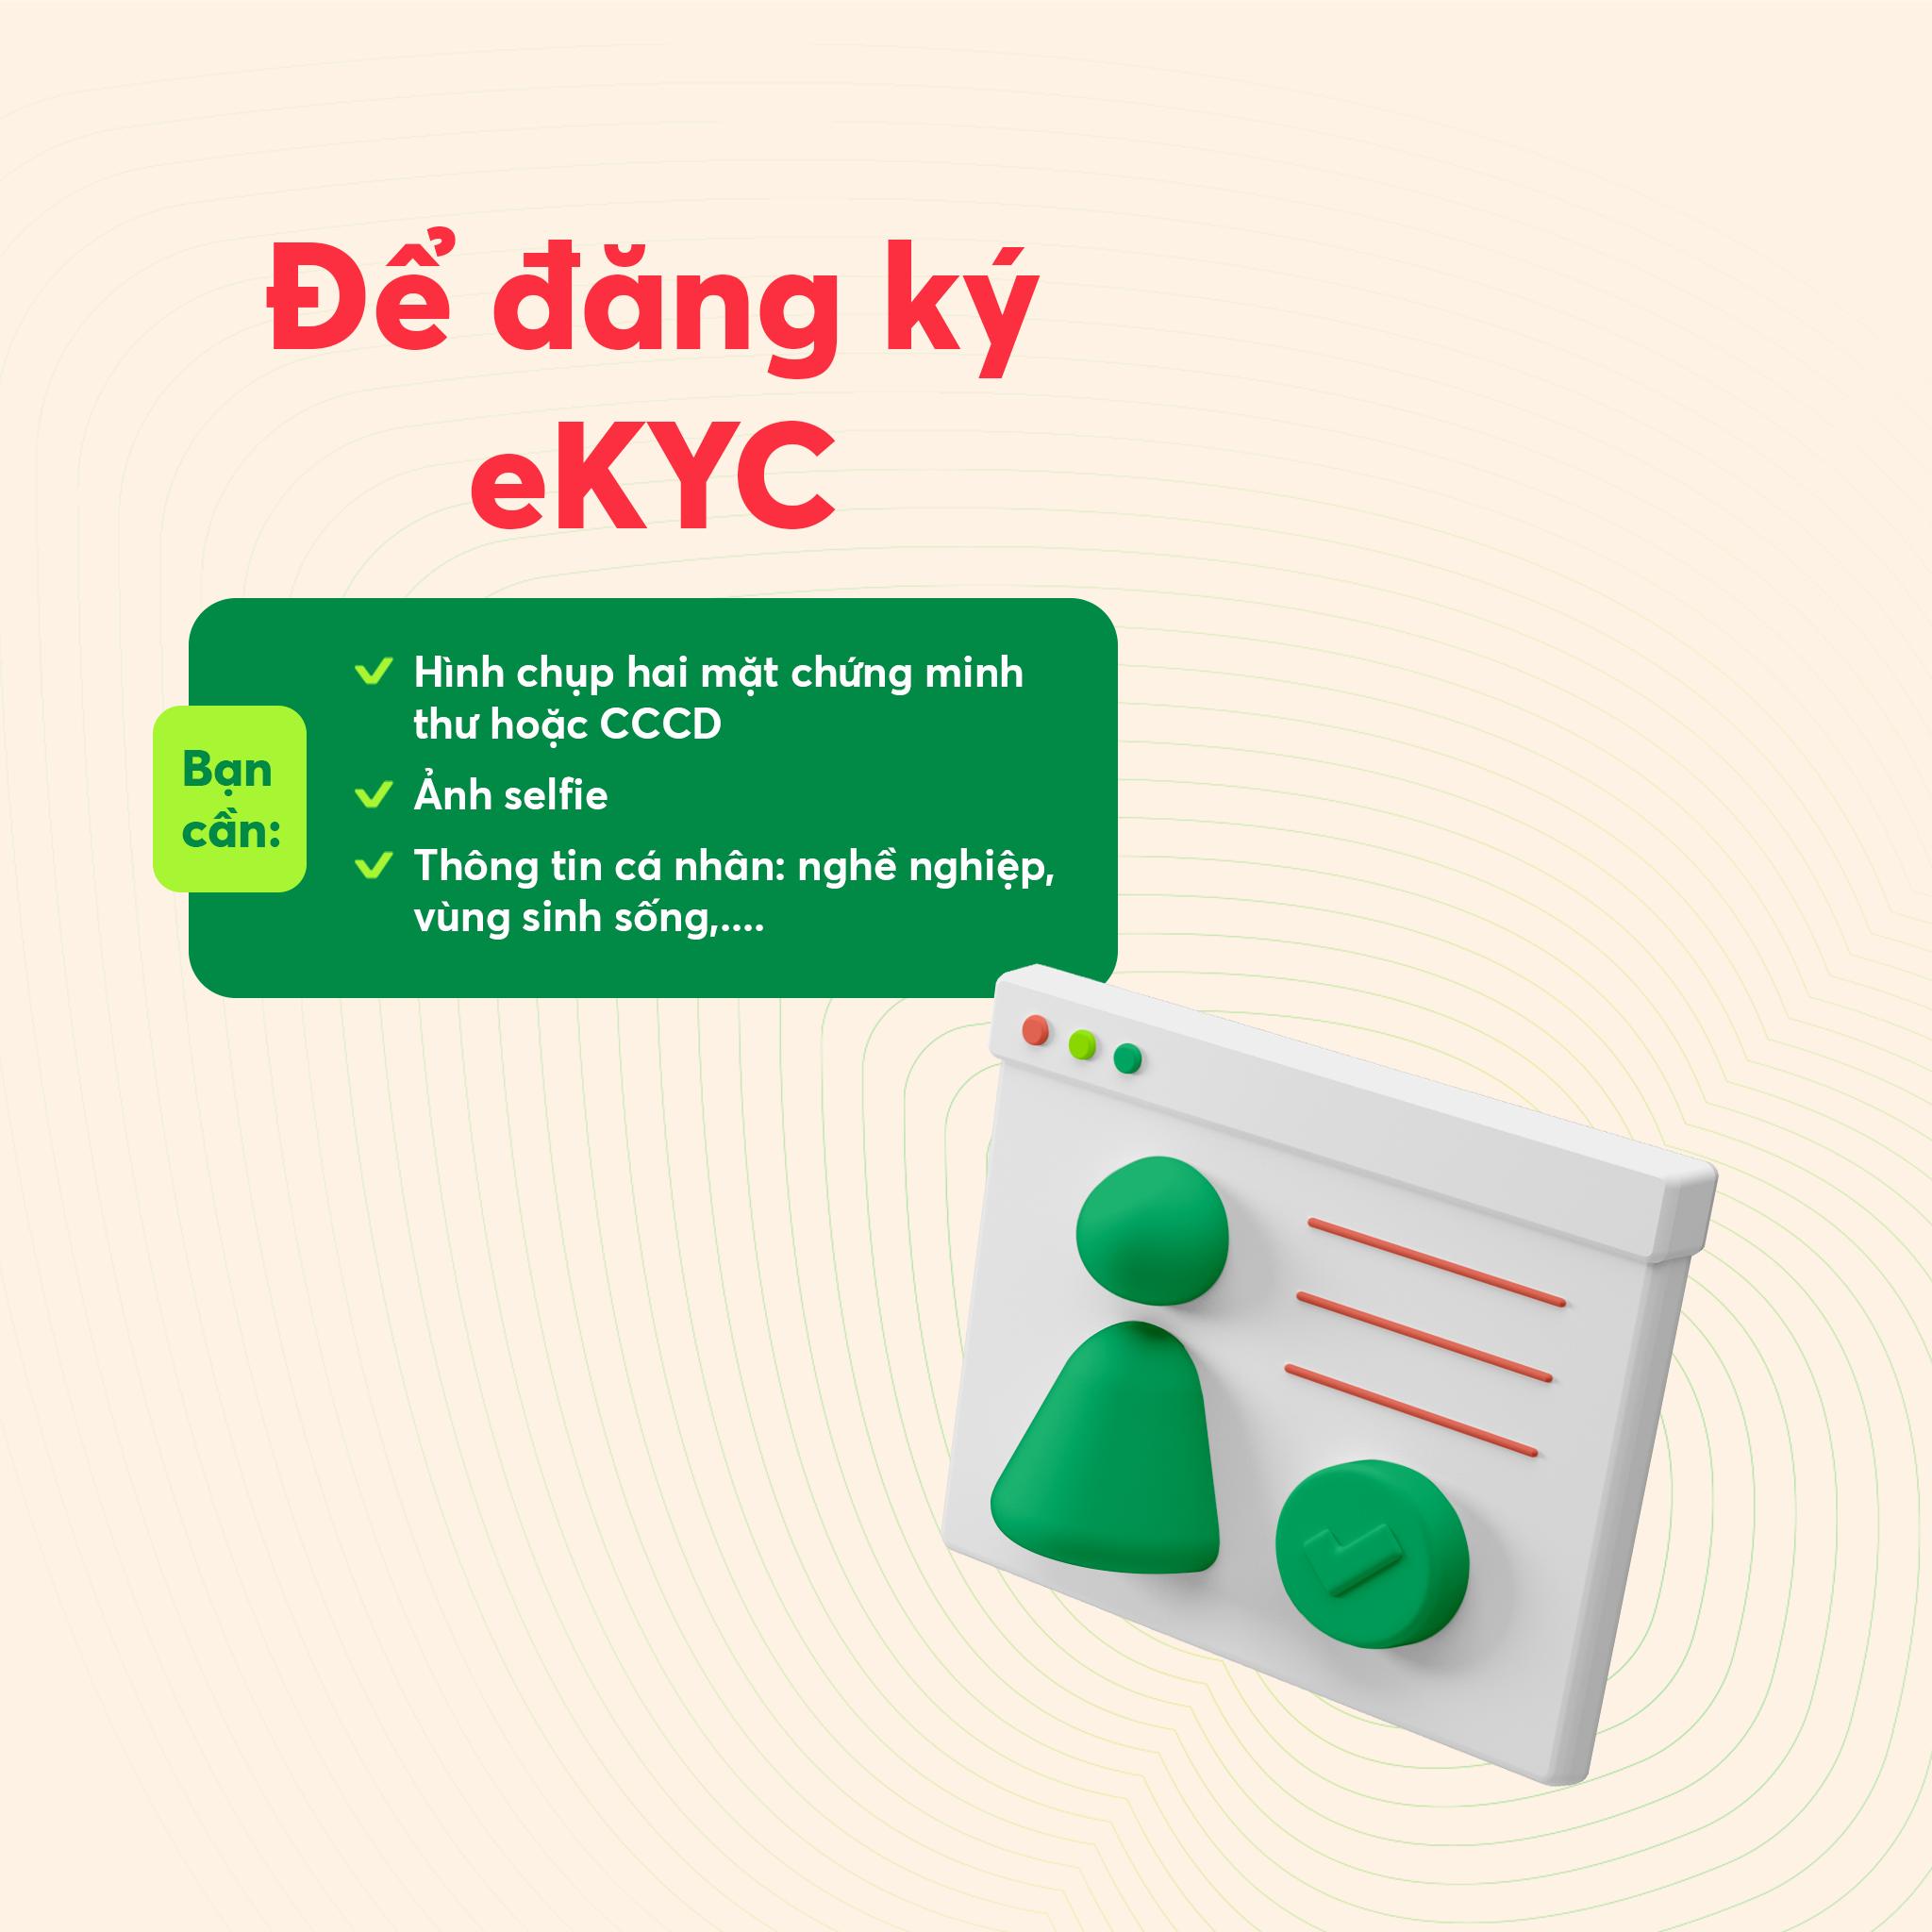 đăng ký eKYC